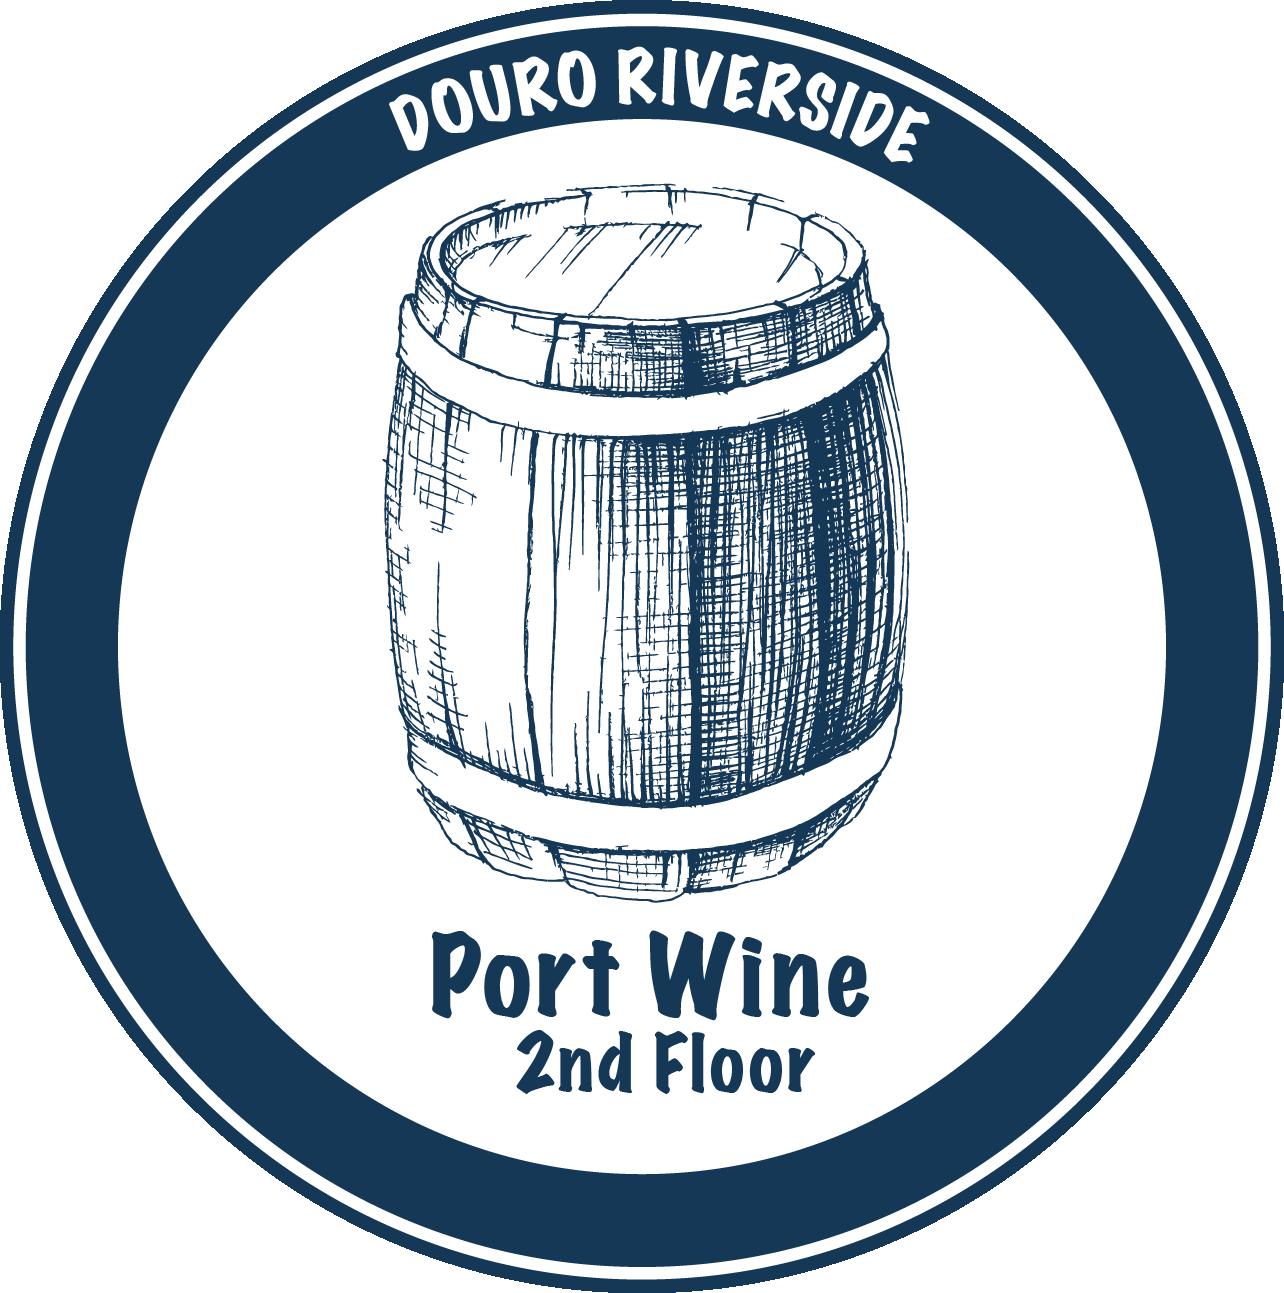 Douro Riverside - Port Wine (2nd Floor)